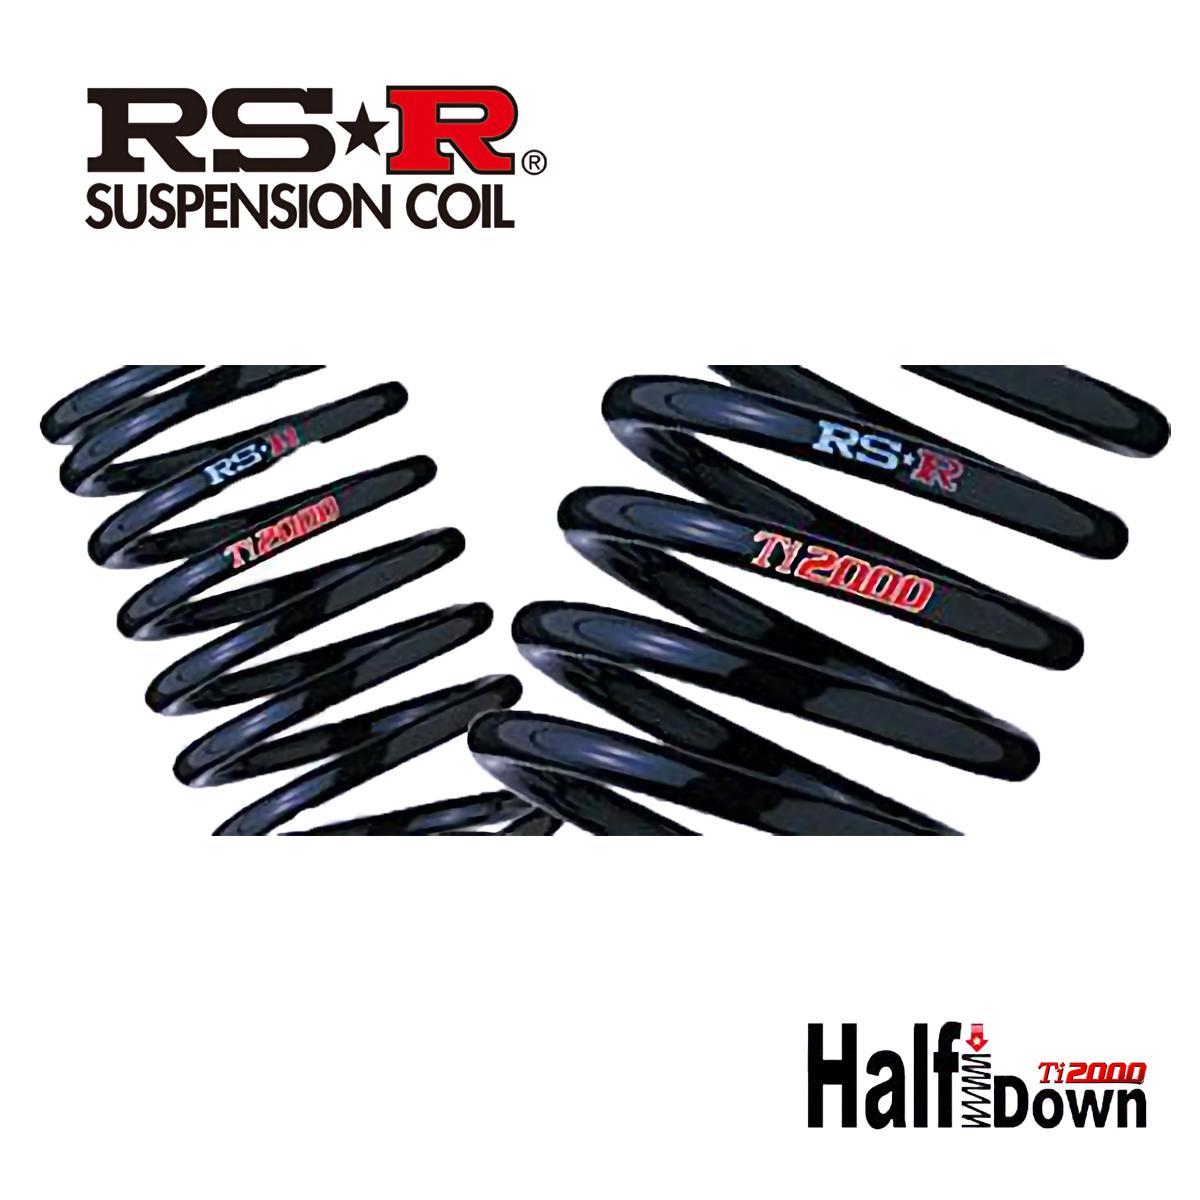 RS-R IS200t Fスポーツ ASE30 ダウンサス スプリング フロント T195THDF Ti2000 ハーフダウン RSR 個人宅発送追金有